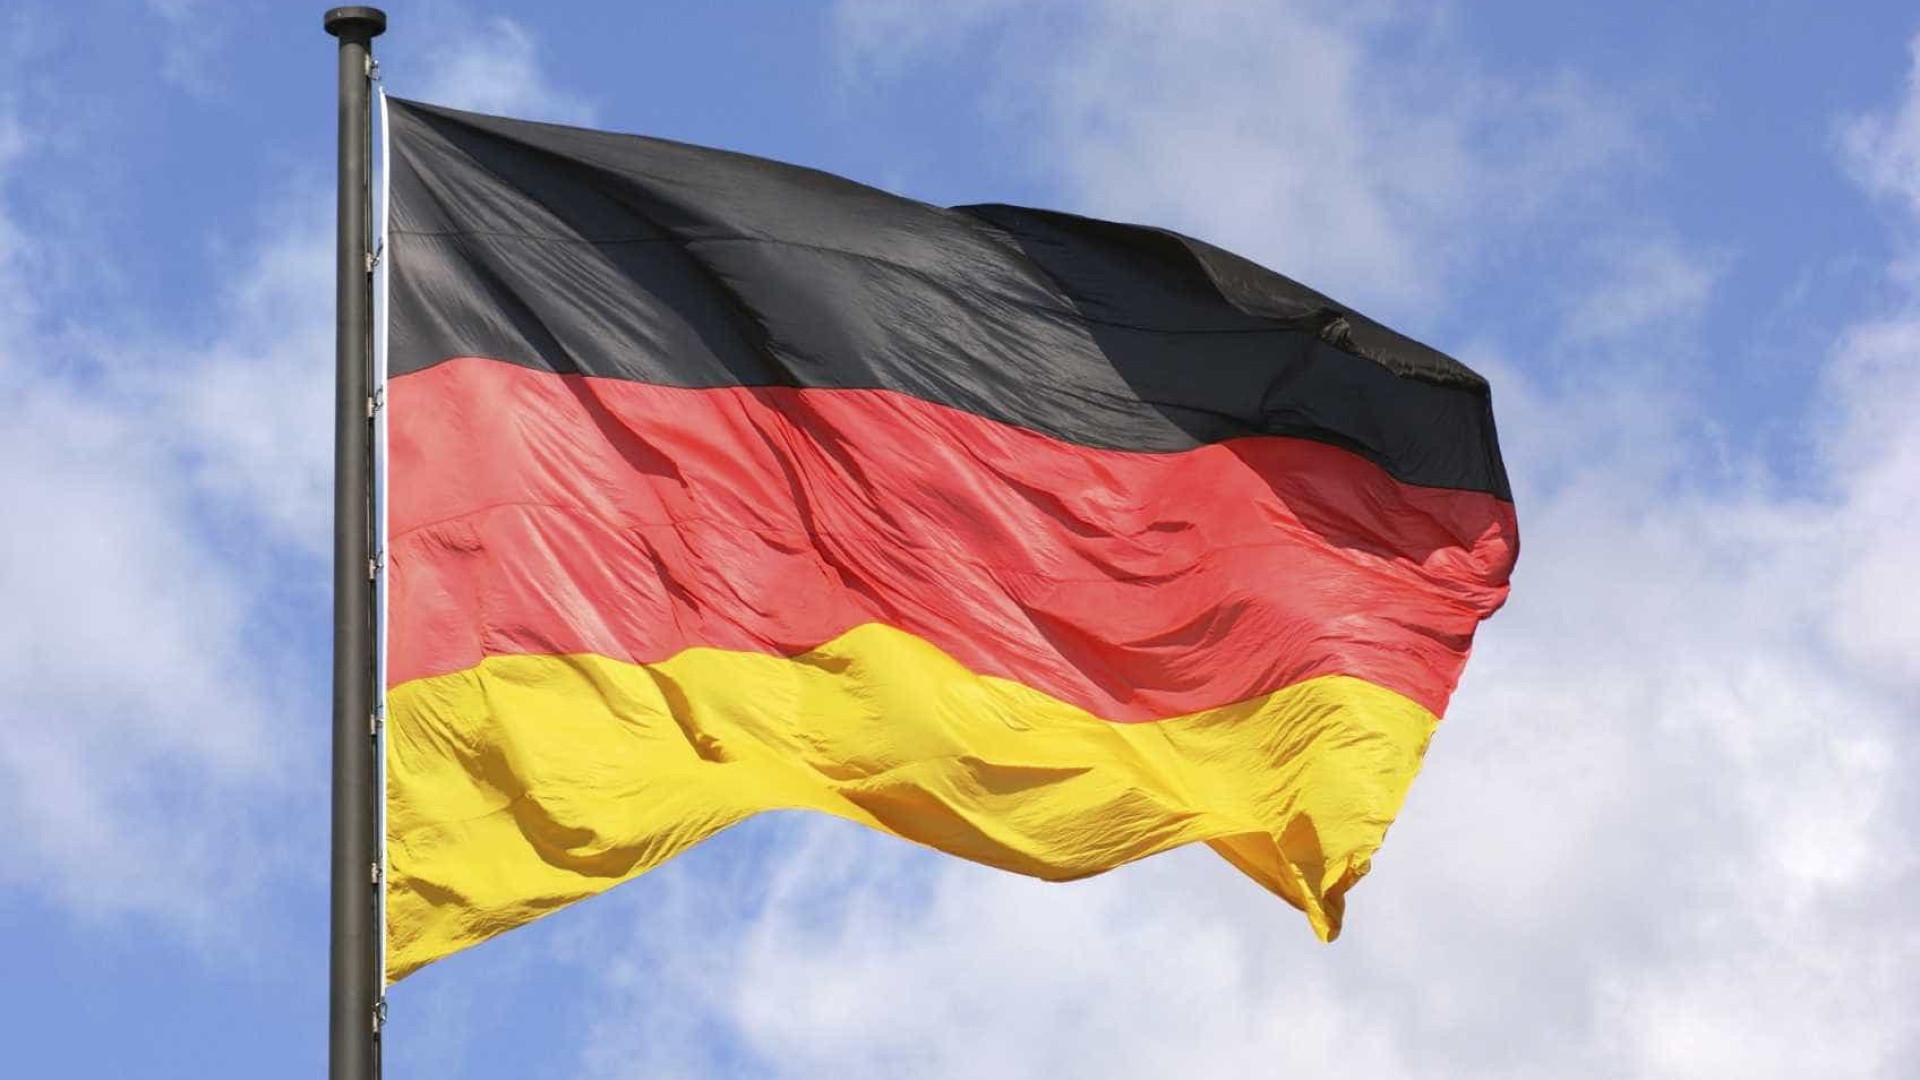 Alemanha propõe transportes públicos gratuitos para combater poluição